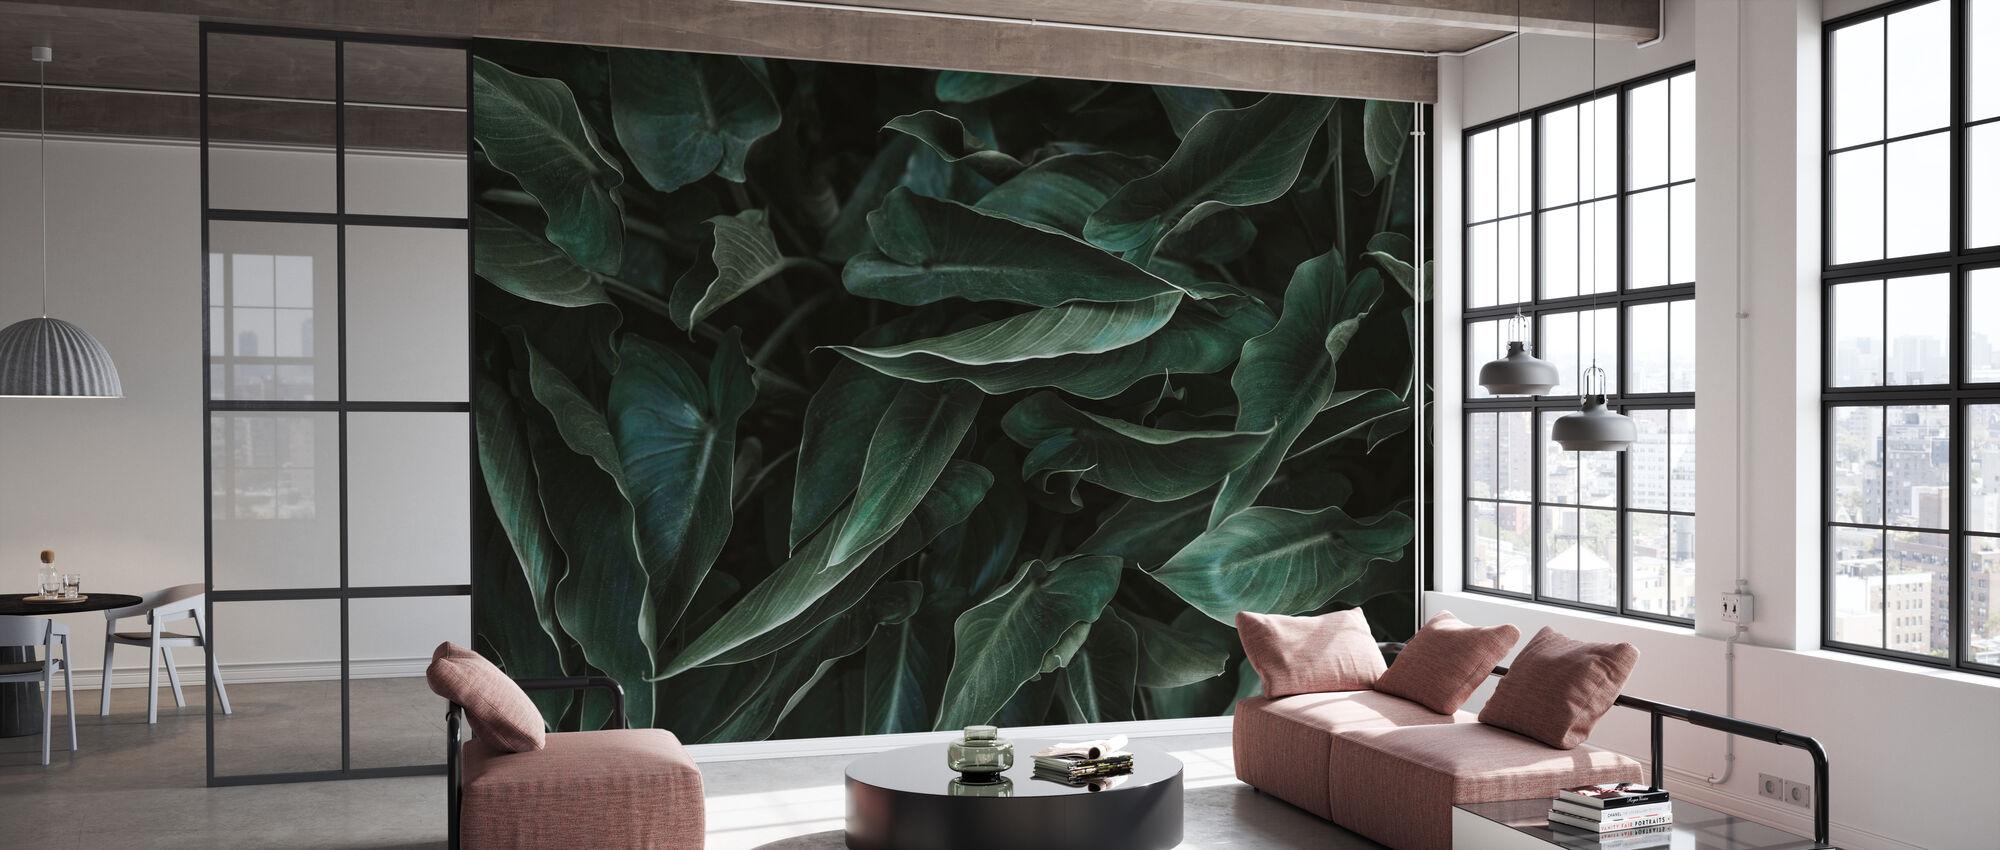 Succulent - Wallpaper - Office